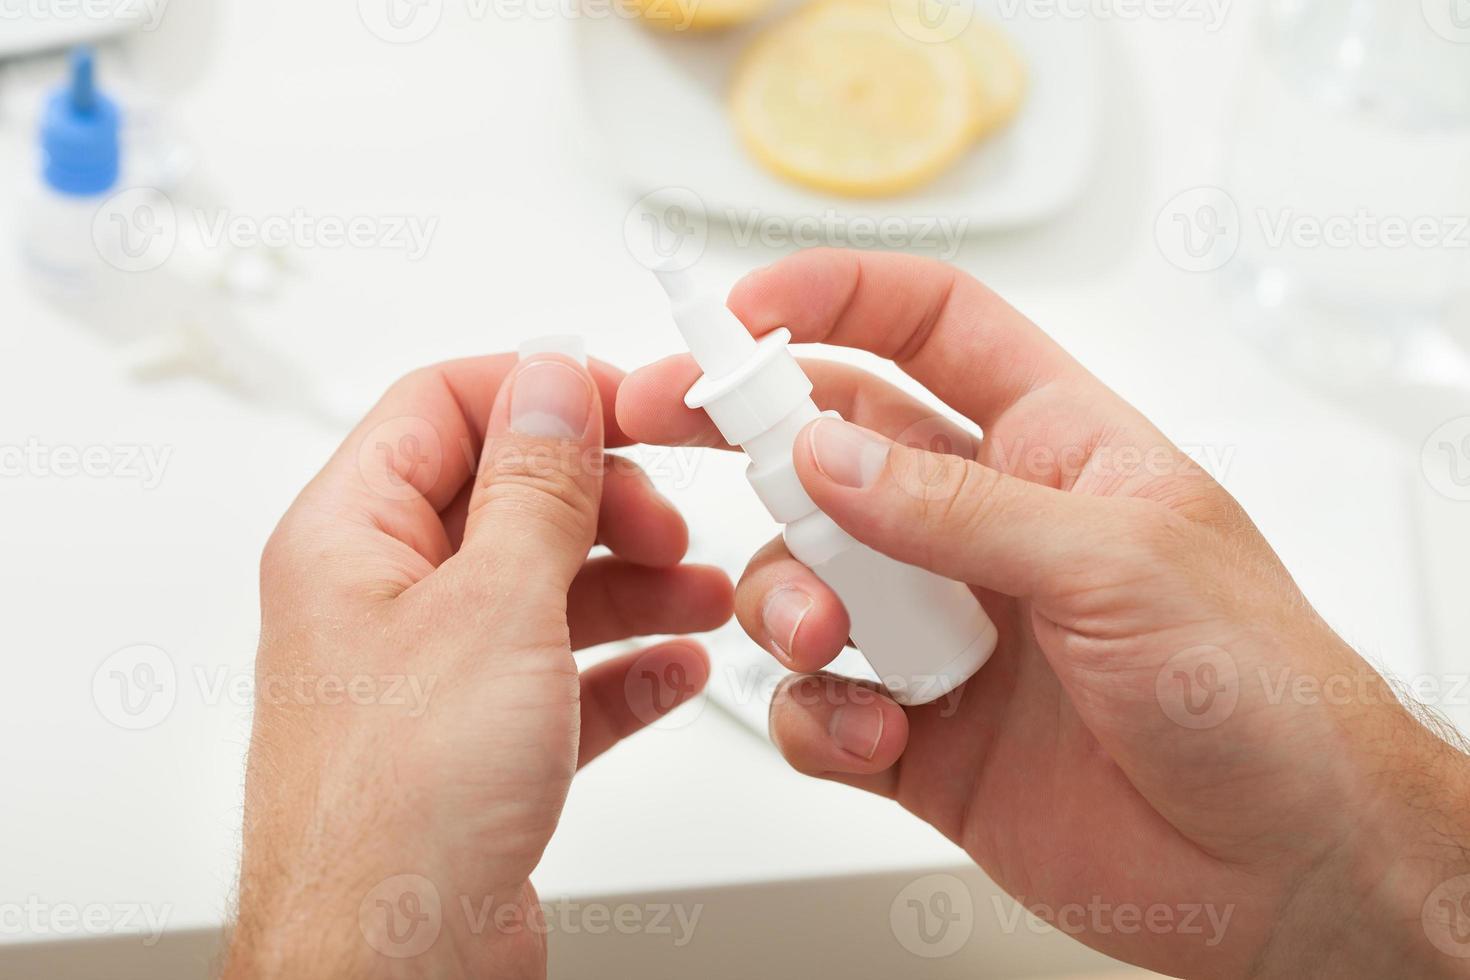 mani che tengono la bottiglia di goccia nasale foto